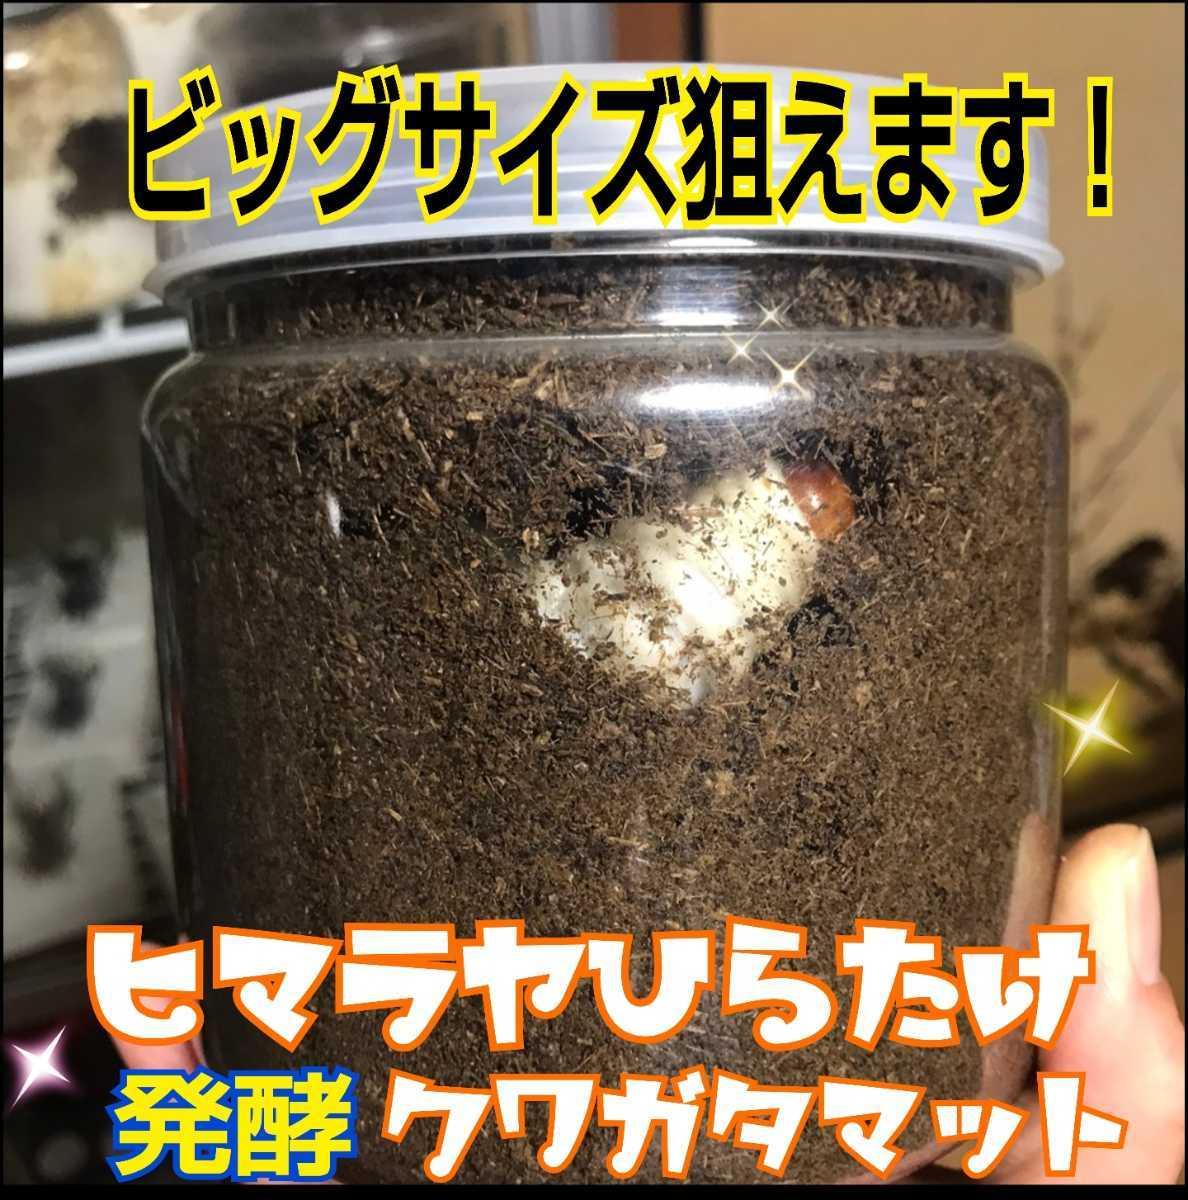 500リットル入!ヒマラヤひらたけ菌床発酵カブトムシマット!抜群の栄養価! クヌギ100%原料 幼虫の餌、産卵マット!ビッグサイズ狙えます_画像8